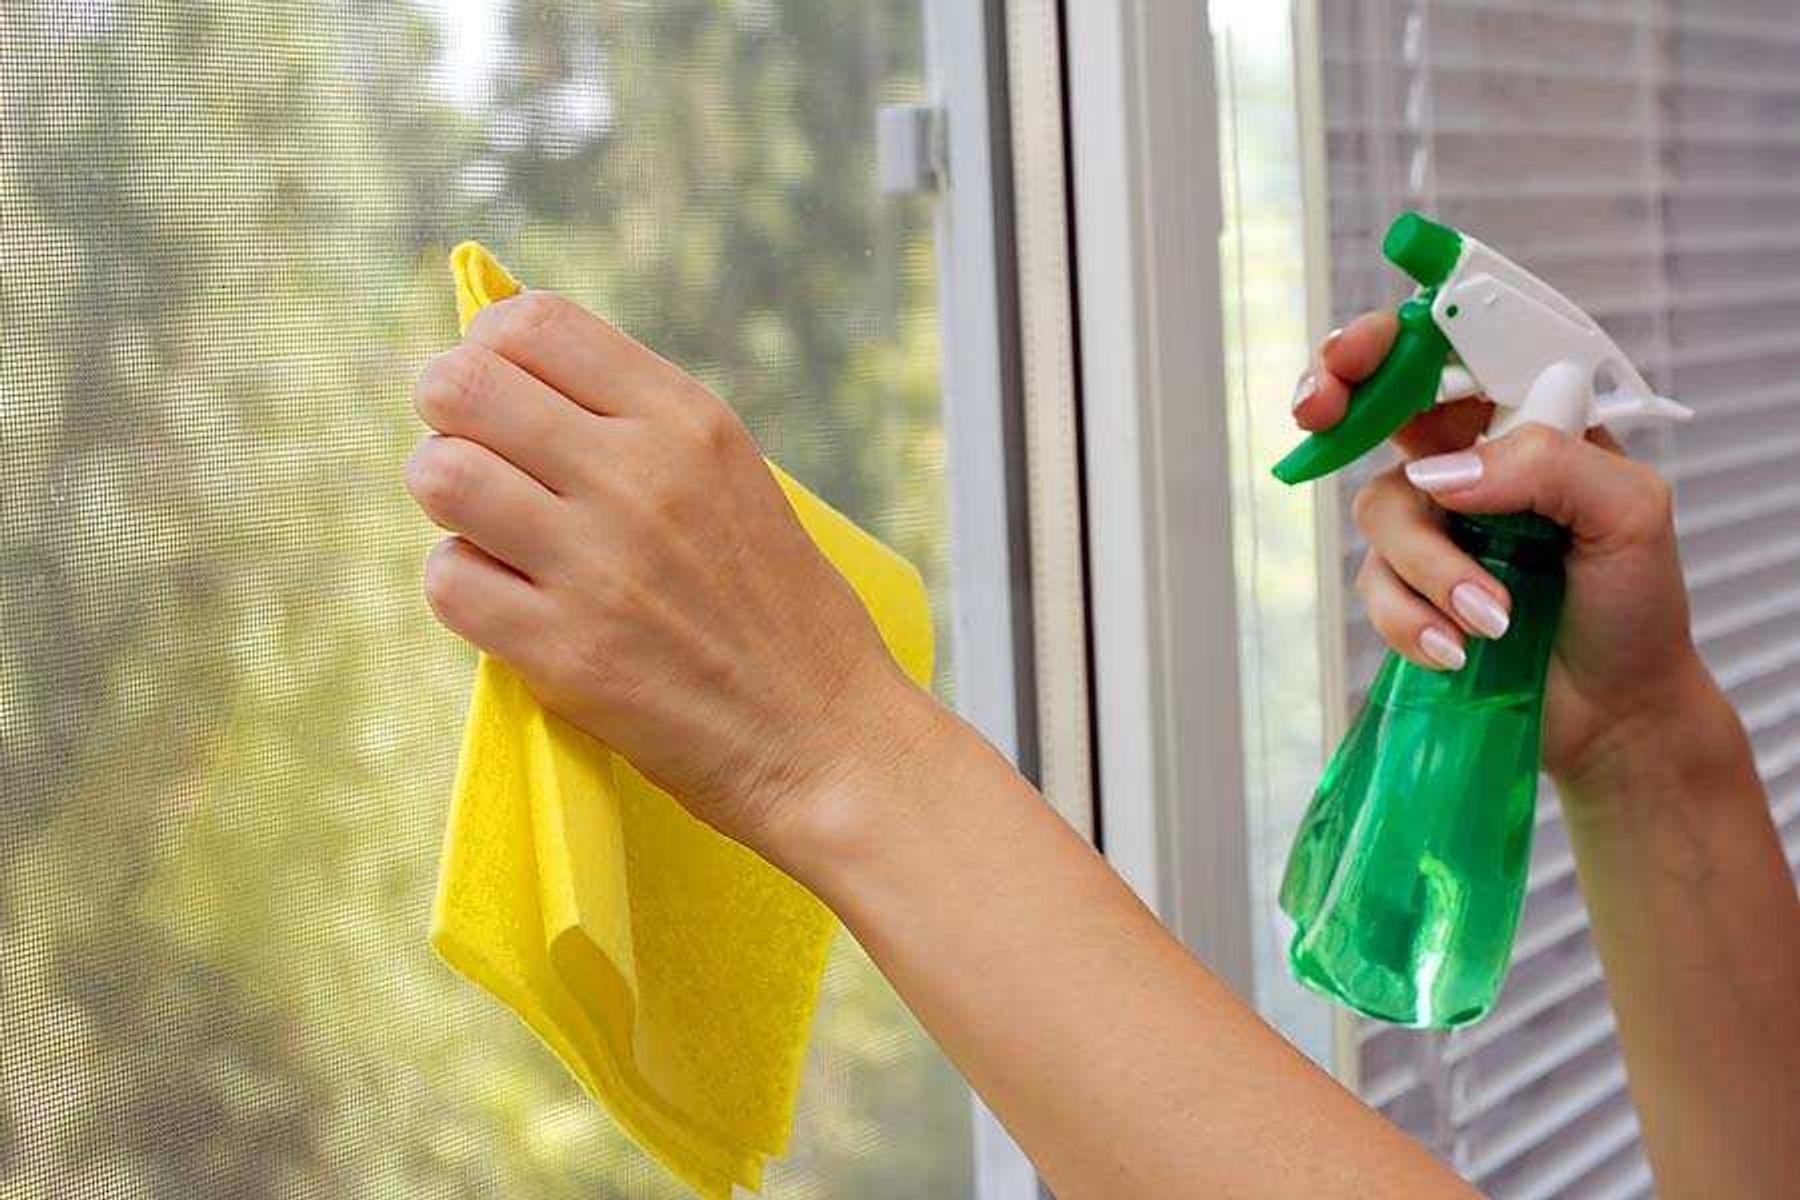 Mẹo vệ sinh nhà cửa cho trẻ nhà bạn thoải mái chơi đùa